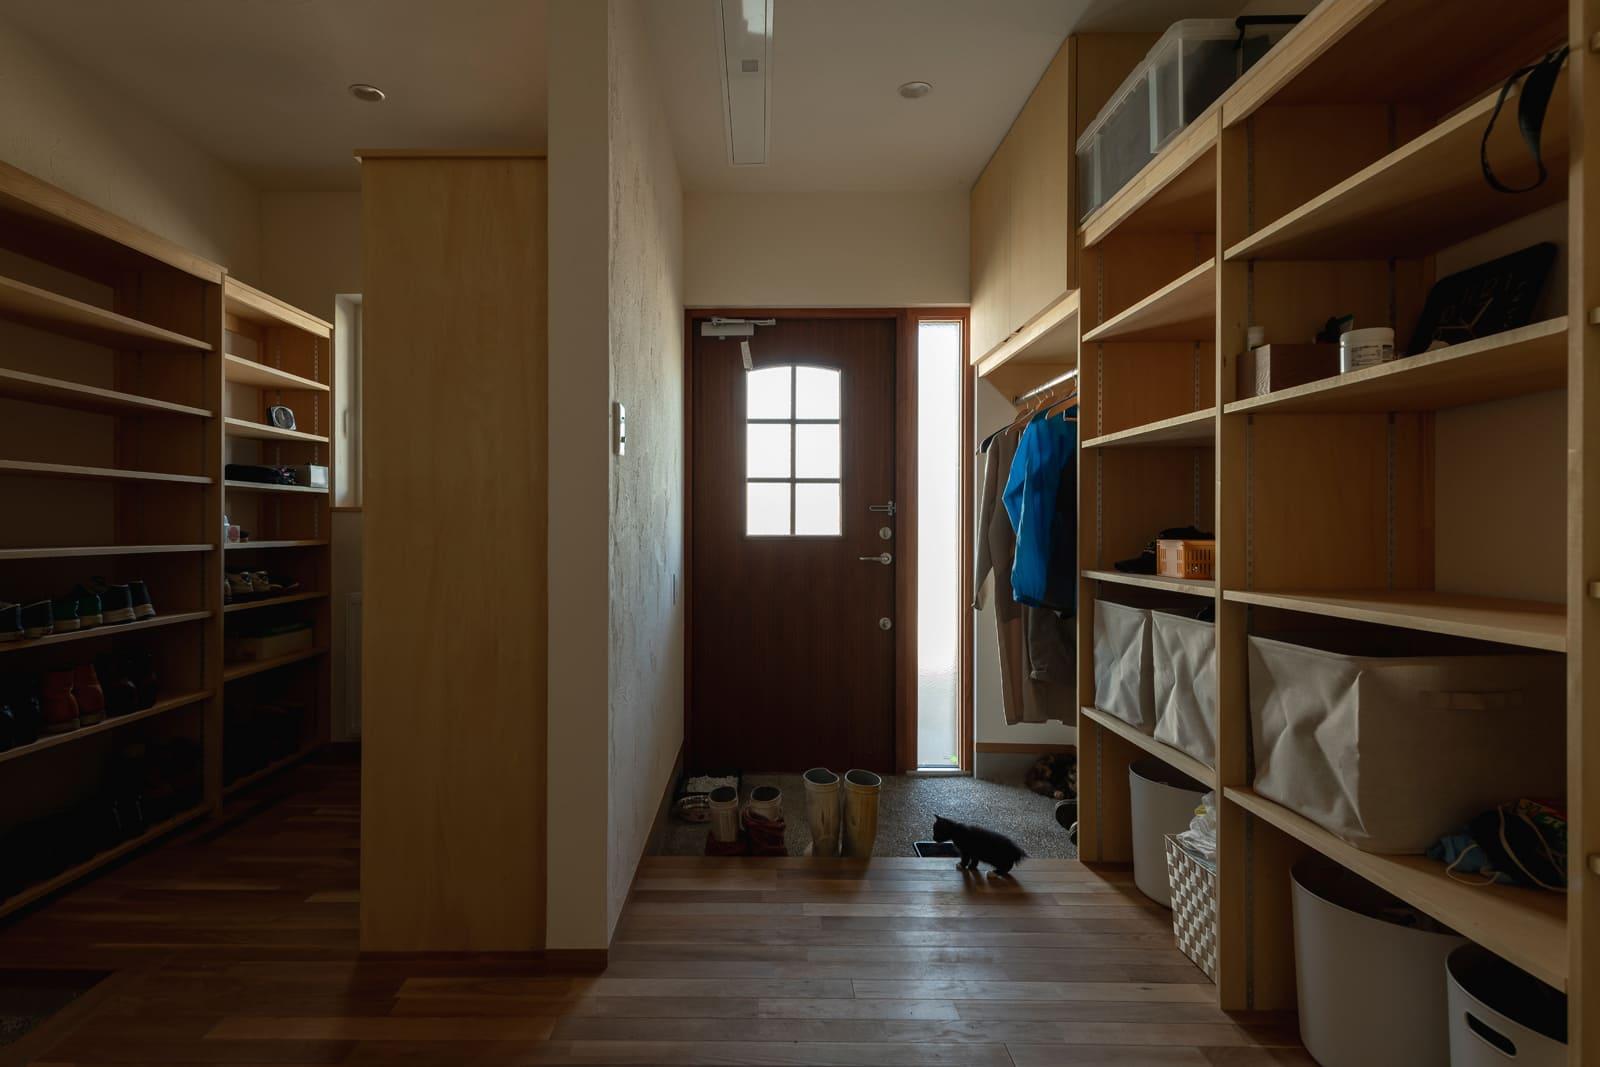 大型のシューズクロークを備えた裏玄関。バックヤードの充実が作業の効率化につながる